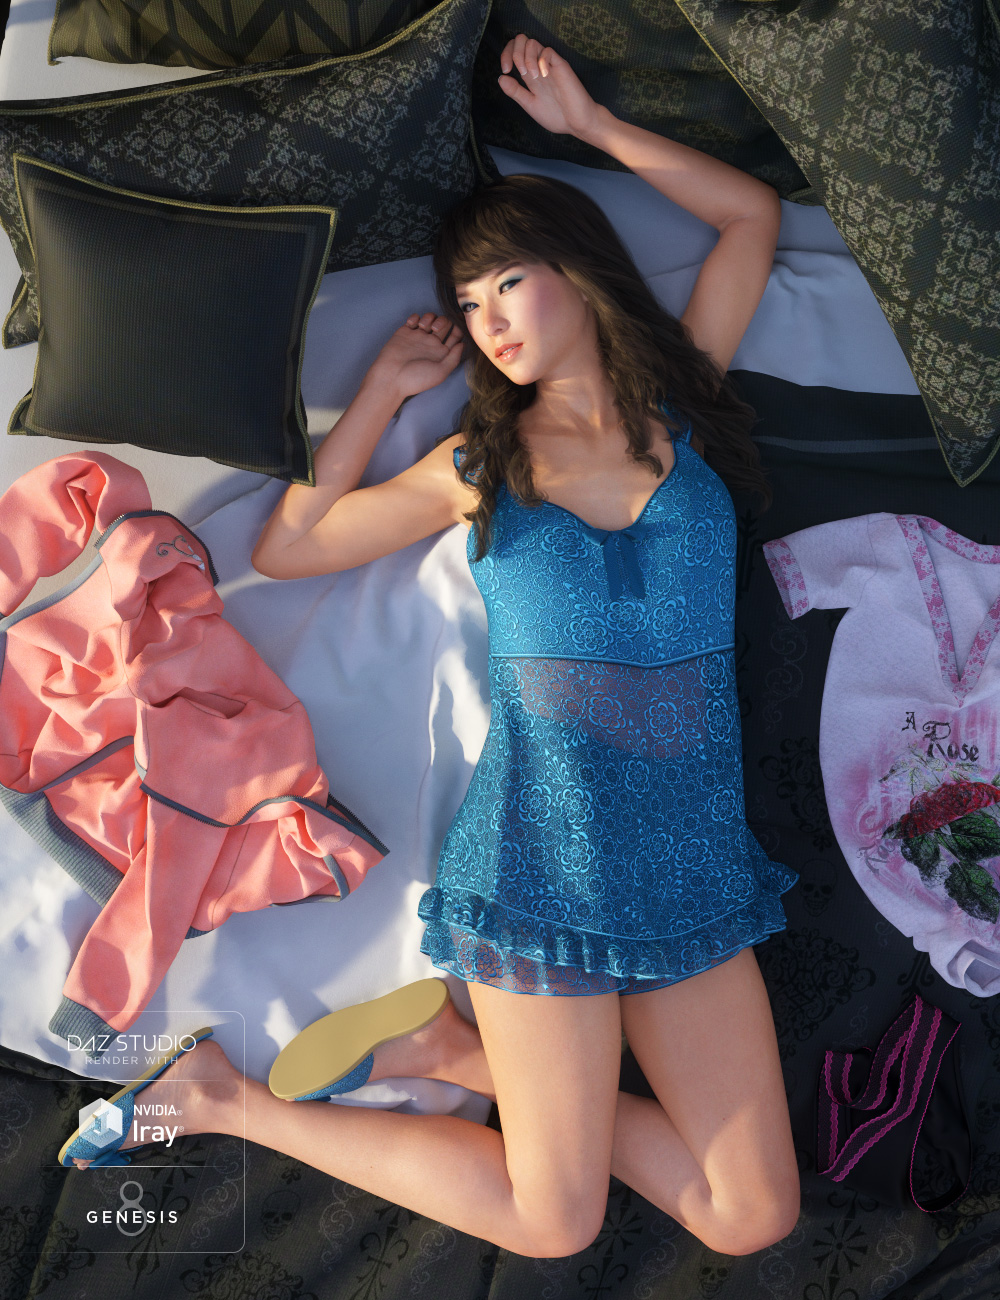 Teddy Sleepwear for Genesis 8 Female(s) by: Ravenhair, 3D Models by Daz 3D